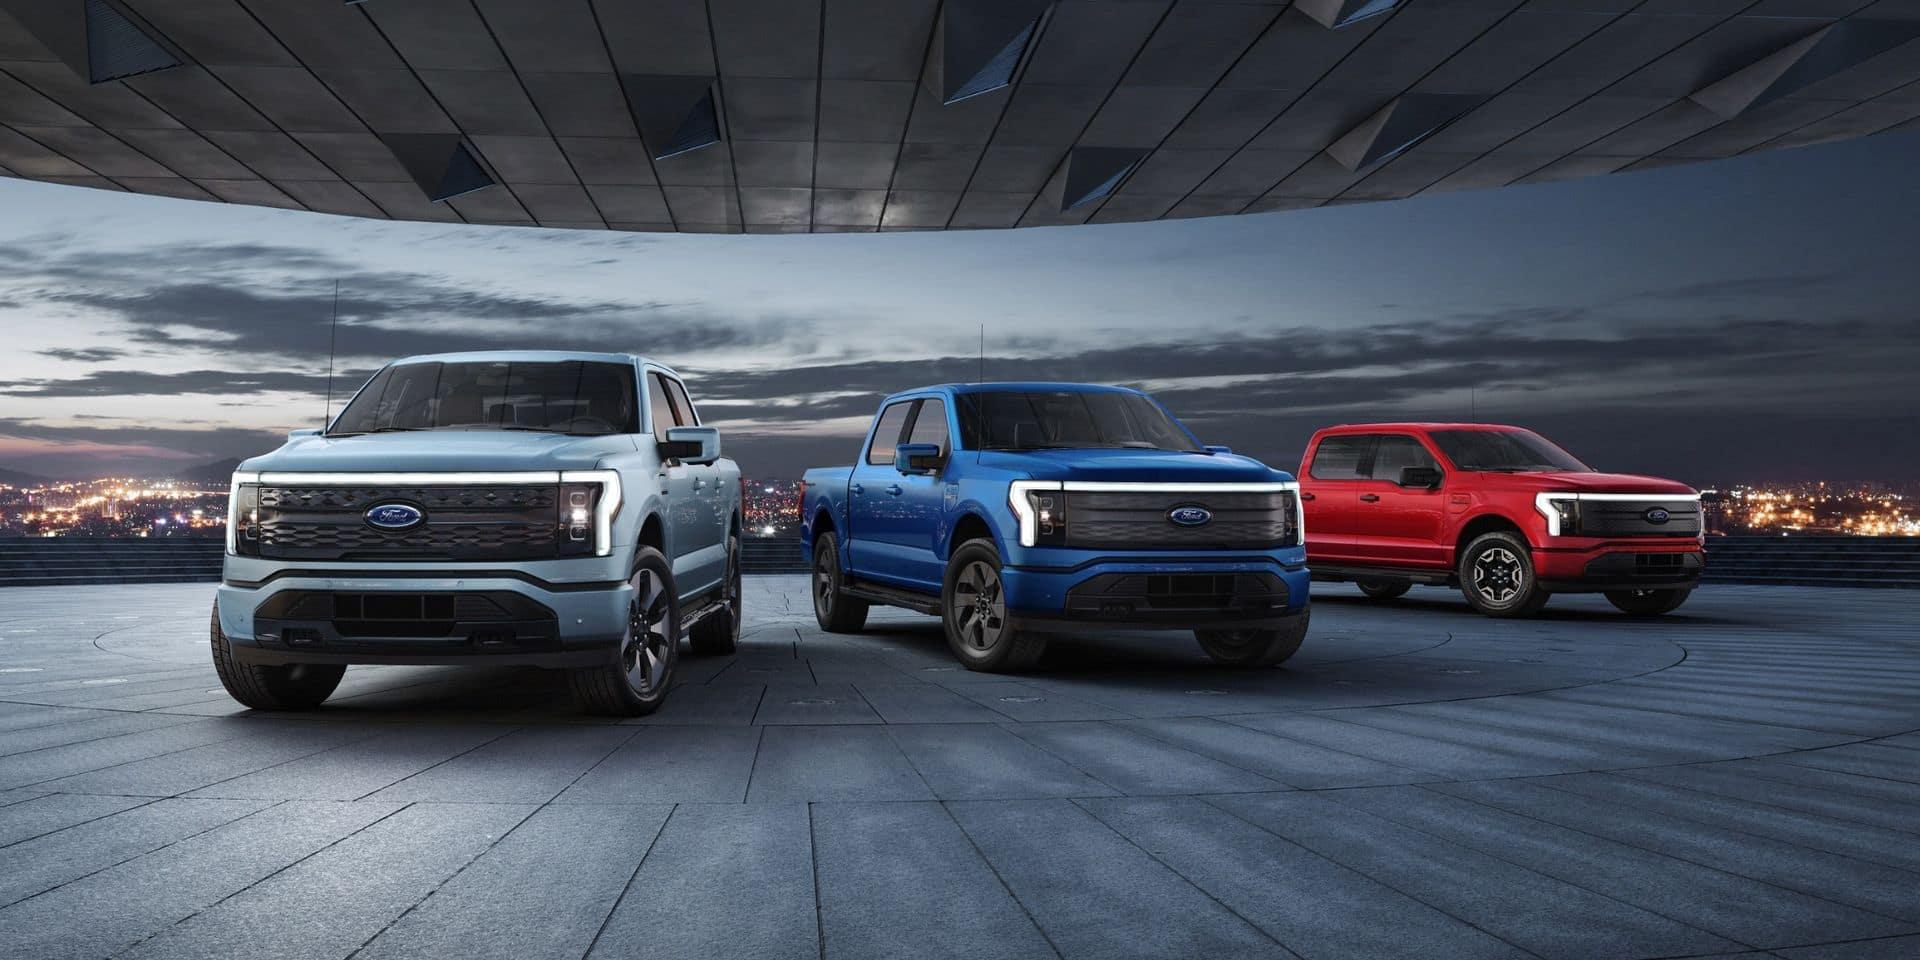 Ford dévoile son pick-up électrique capable d'alimenter une maison !